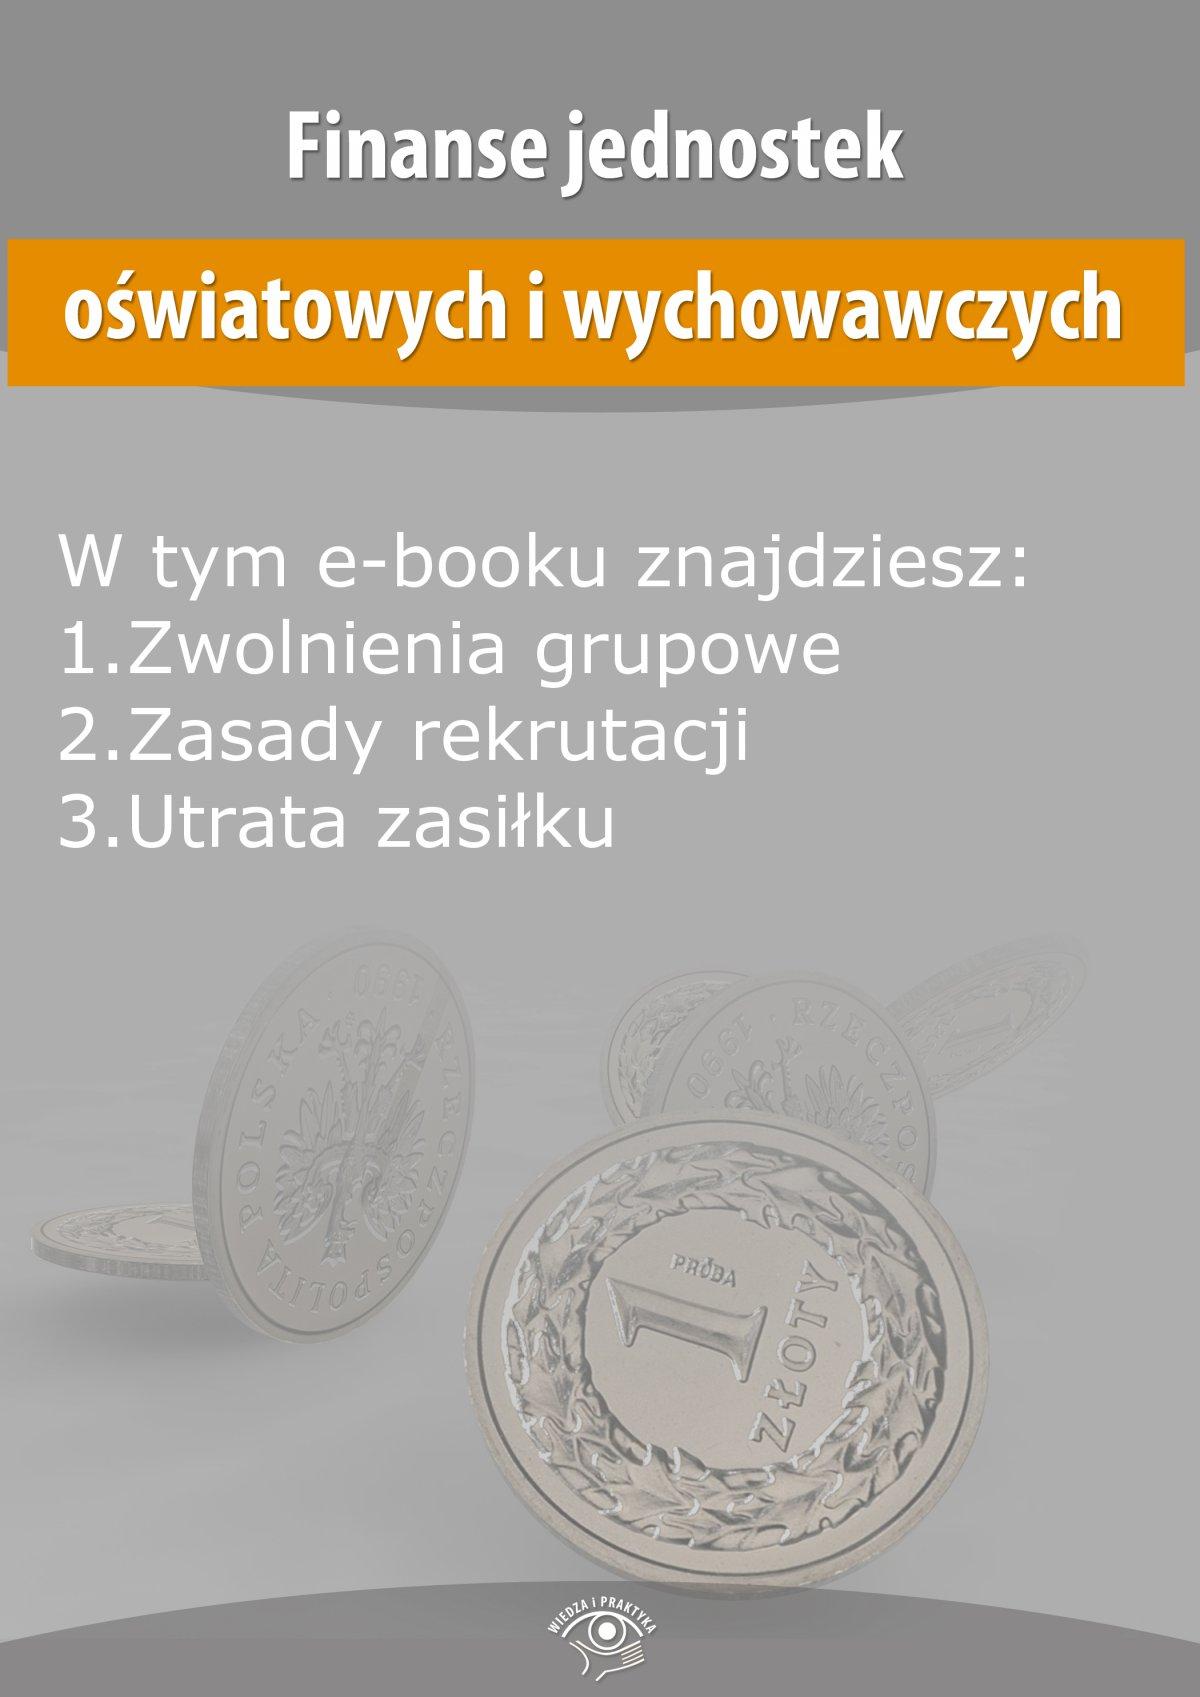 Finanse jednostek oświatowych i wychowawczych, wydanie maj 2014 r. - Ebook (Książka EPUB) do pobrania w formacie EPUB